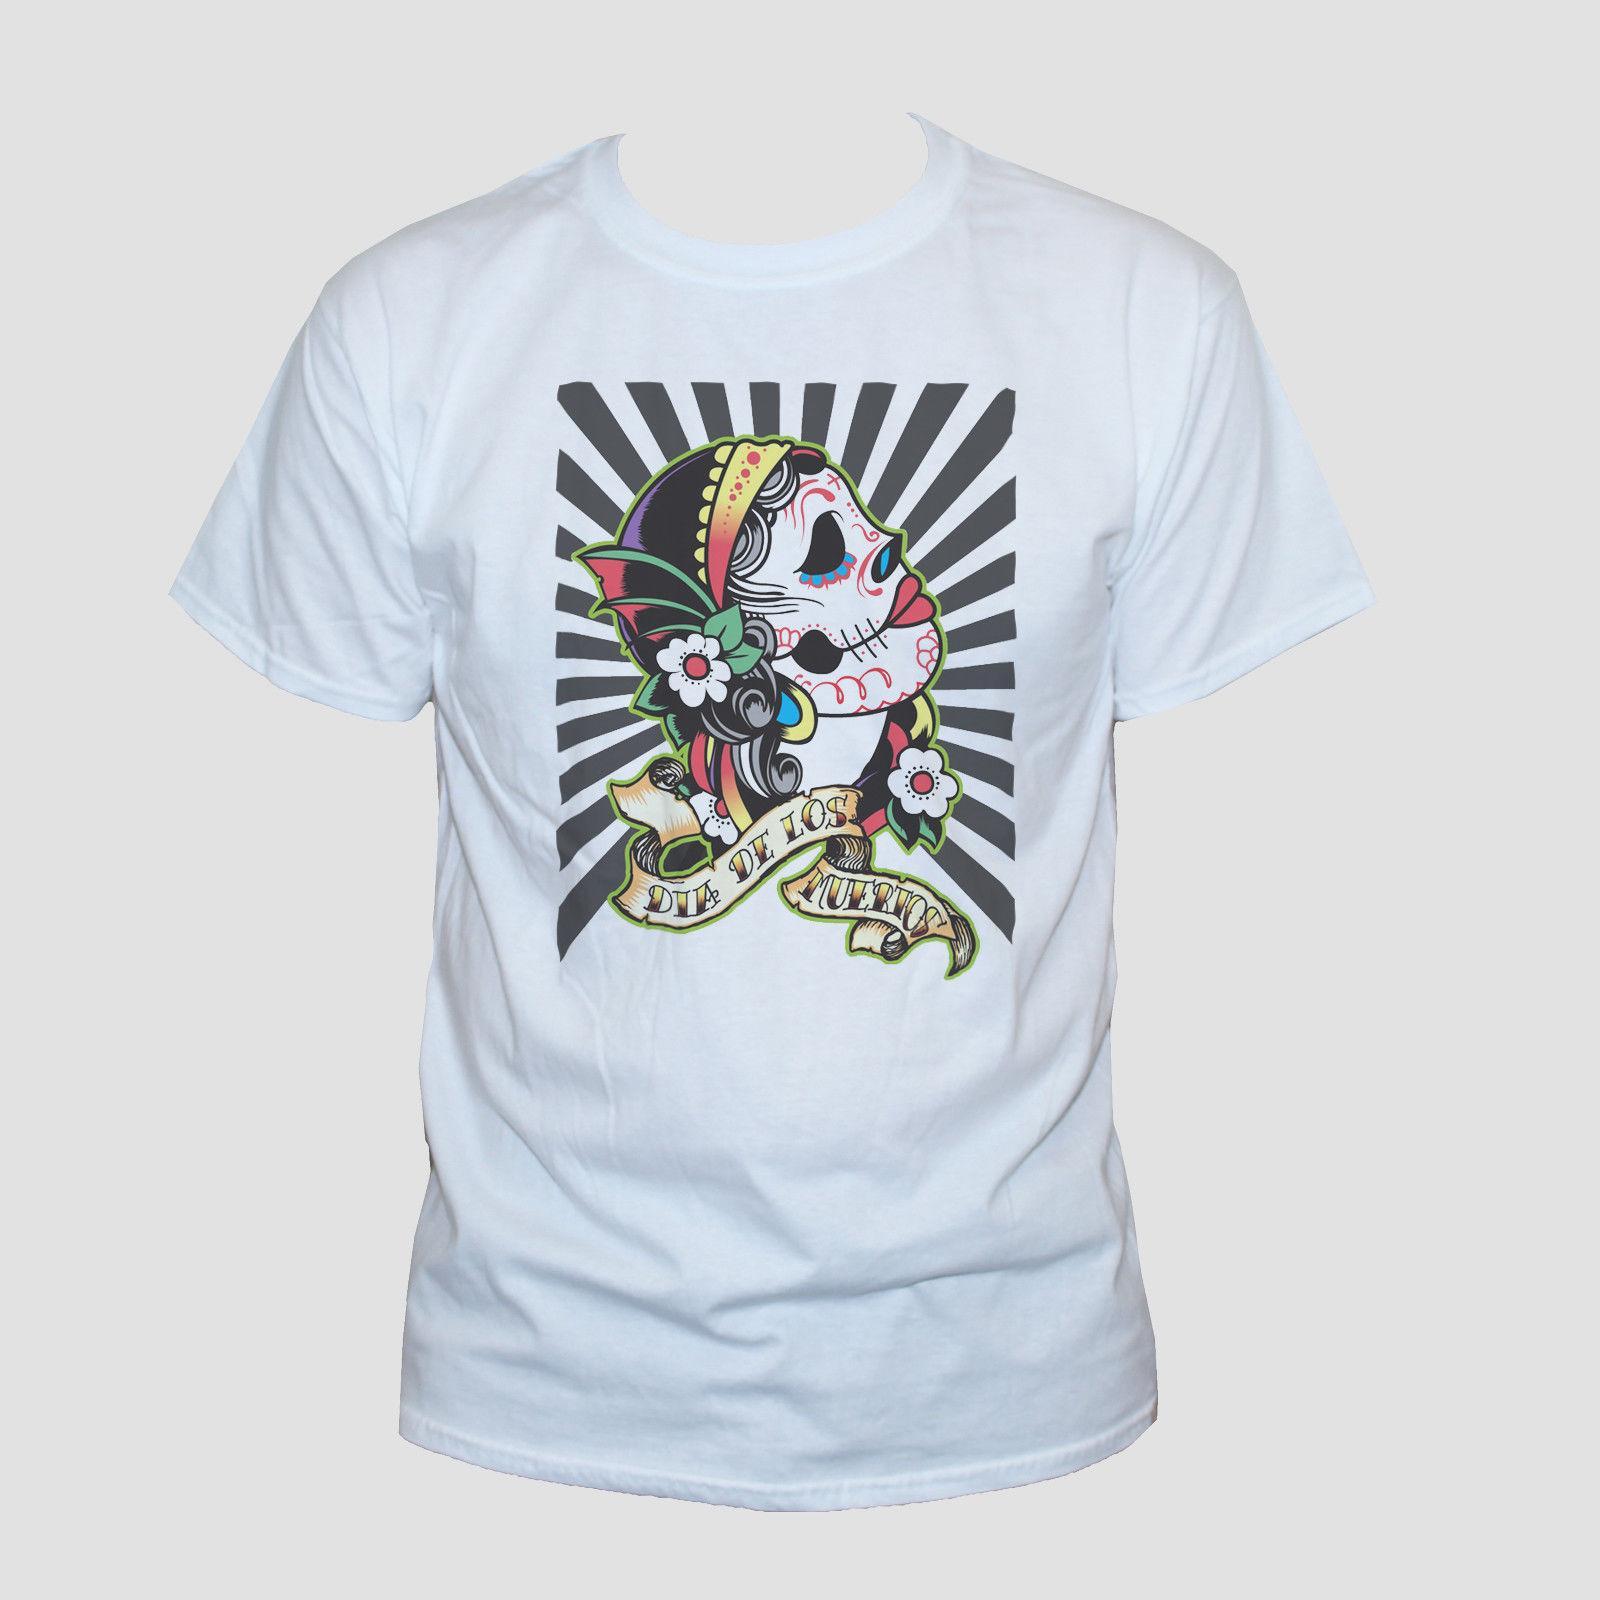 3a6cb0f804f91 Compre Camiseta Con Calavera Mexicana Goth Tattoo Camiseta Estampada Con  Estampado De Rockabilly S M L XL XXL A  11.63 Del Tshirtemperor31